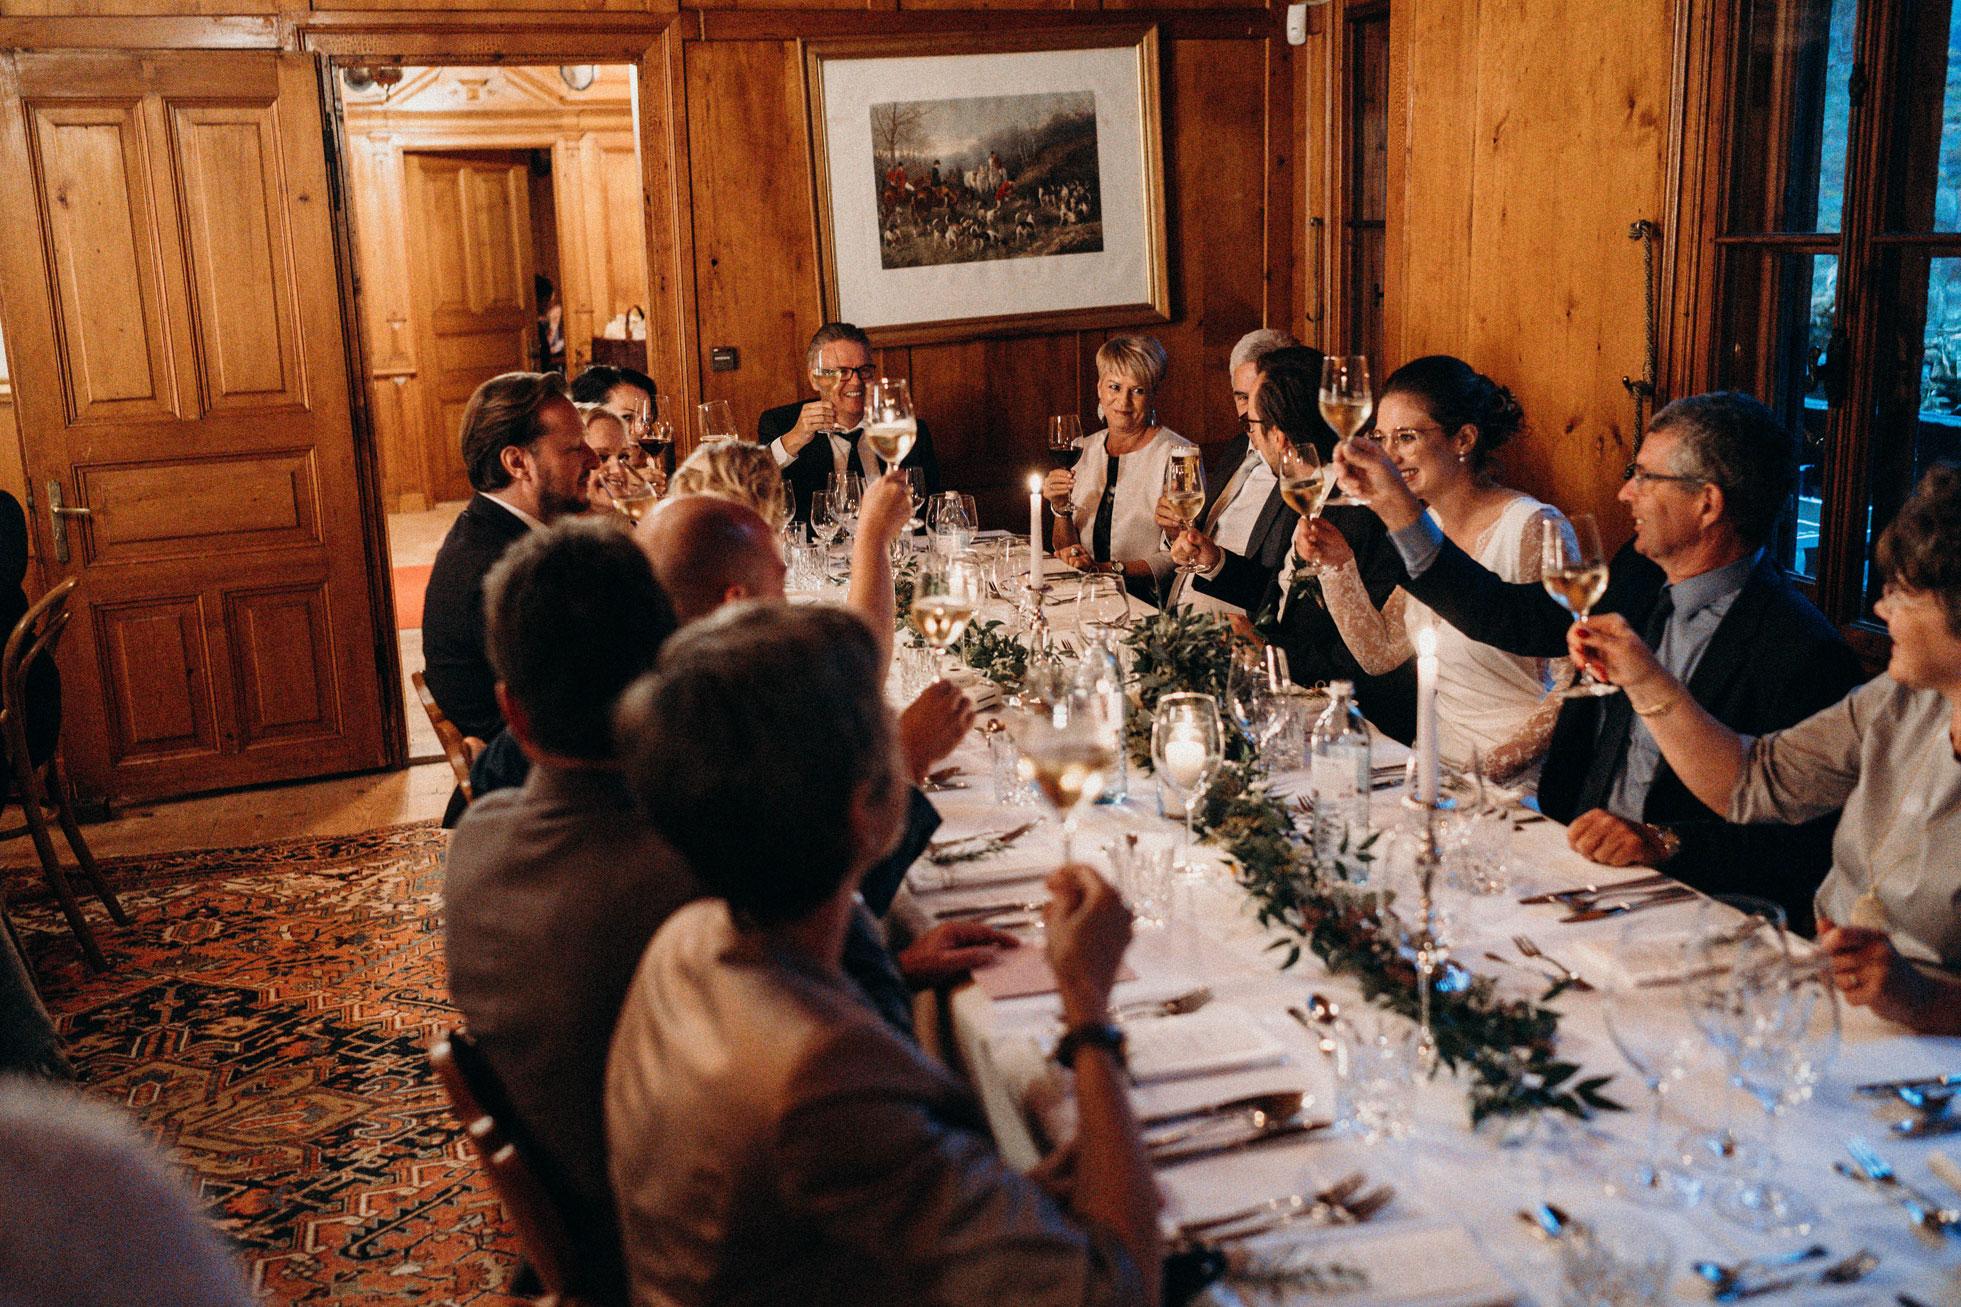 Hochzeit_Claire_Manuel_Villa_Maund_Daniel_Jenny-524.jpg